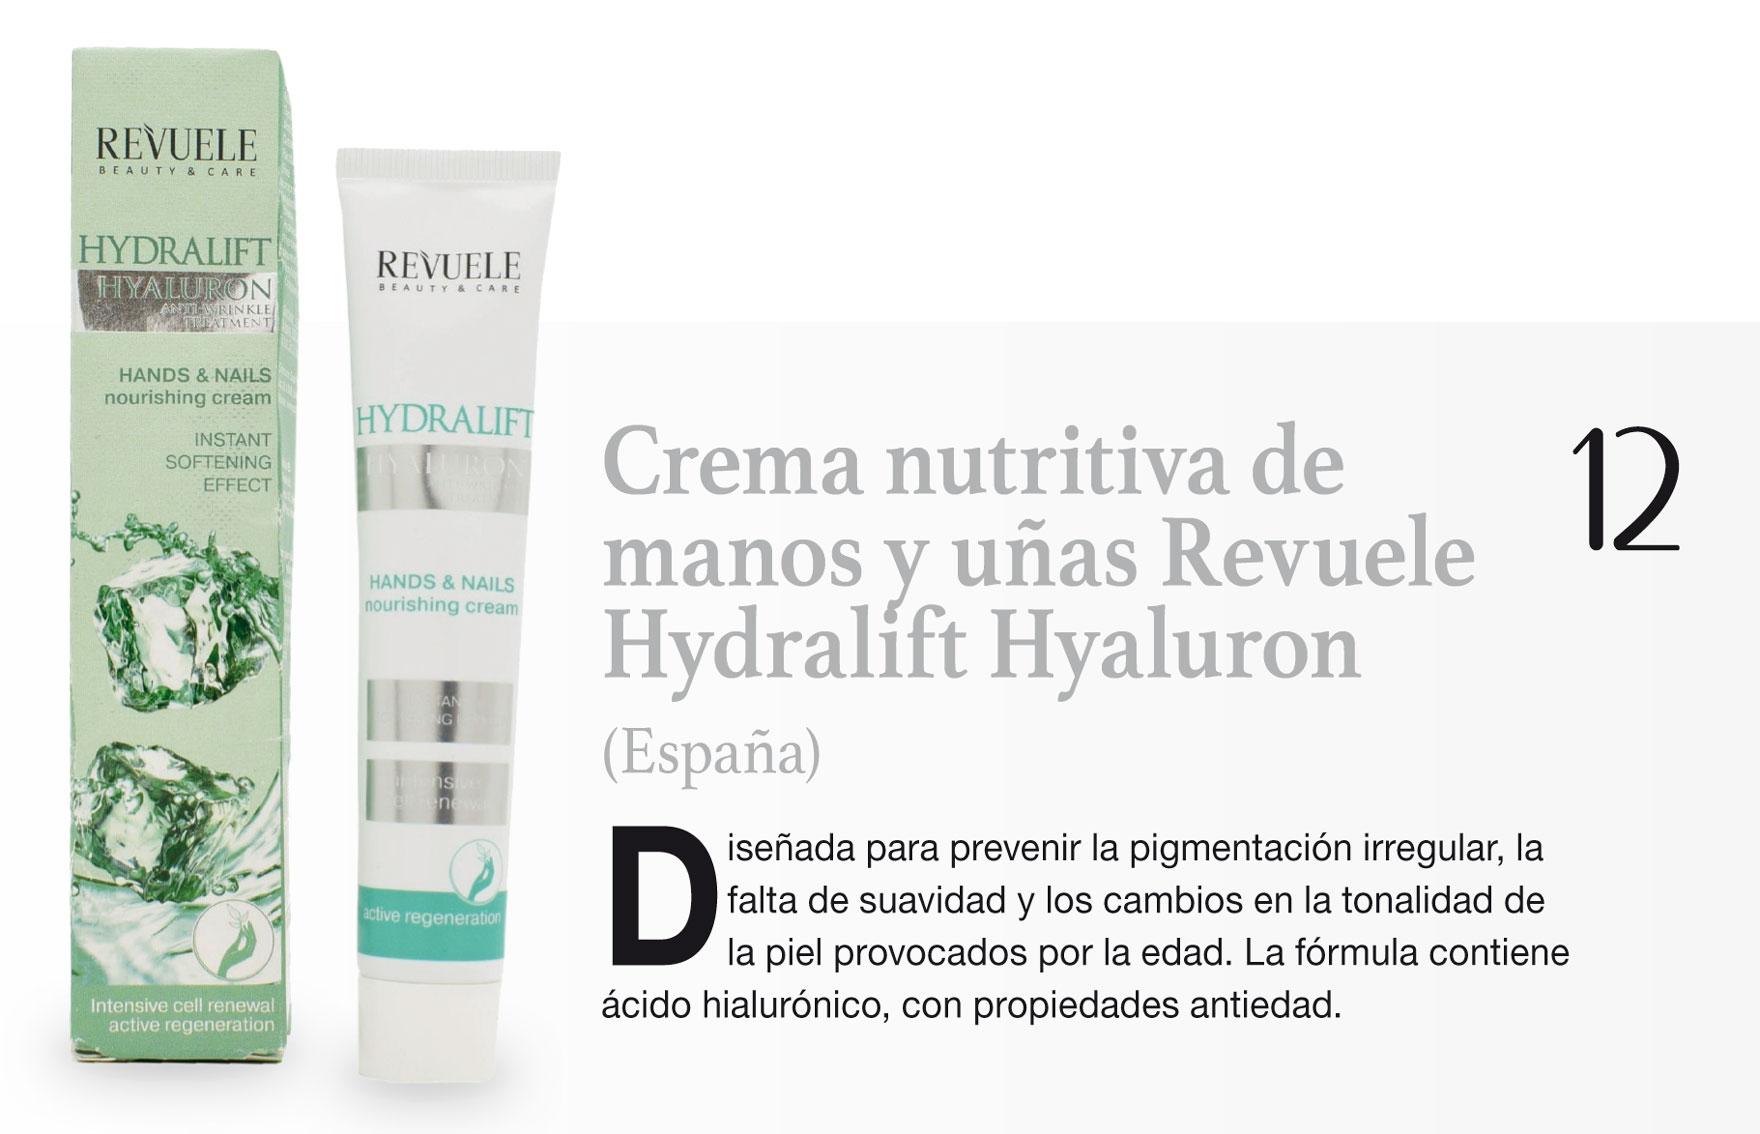 Crema nutritiva de manos y uñas Revuele Hydralift Hyaluron (España)